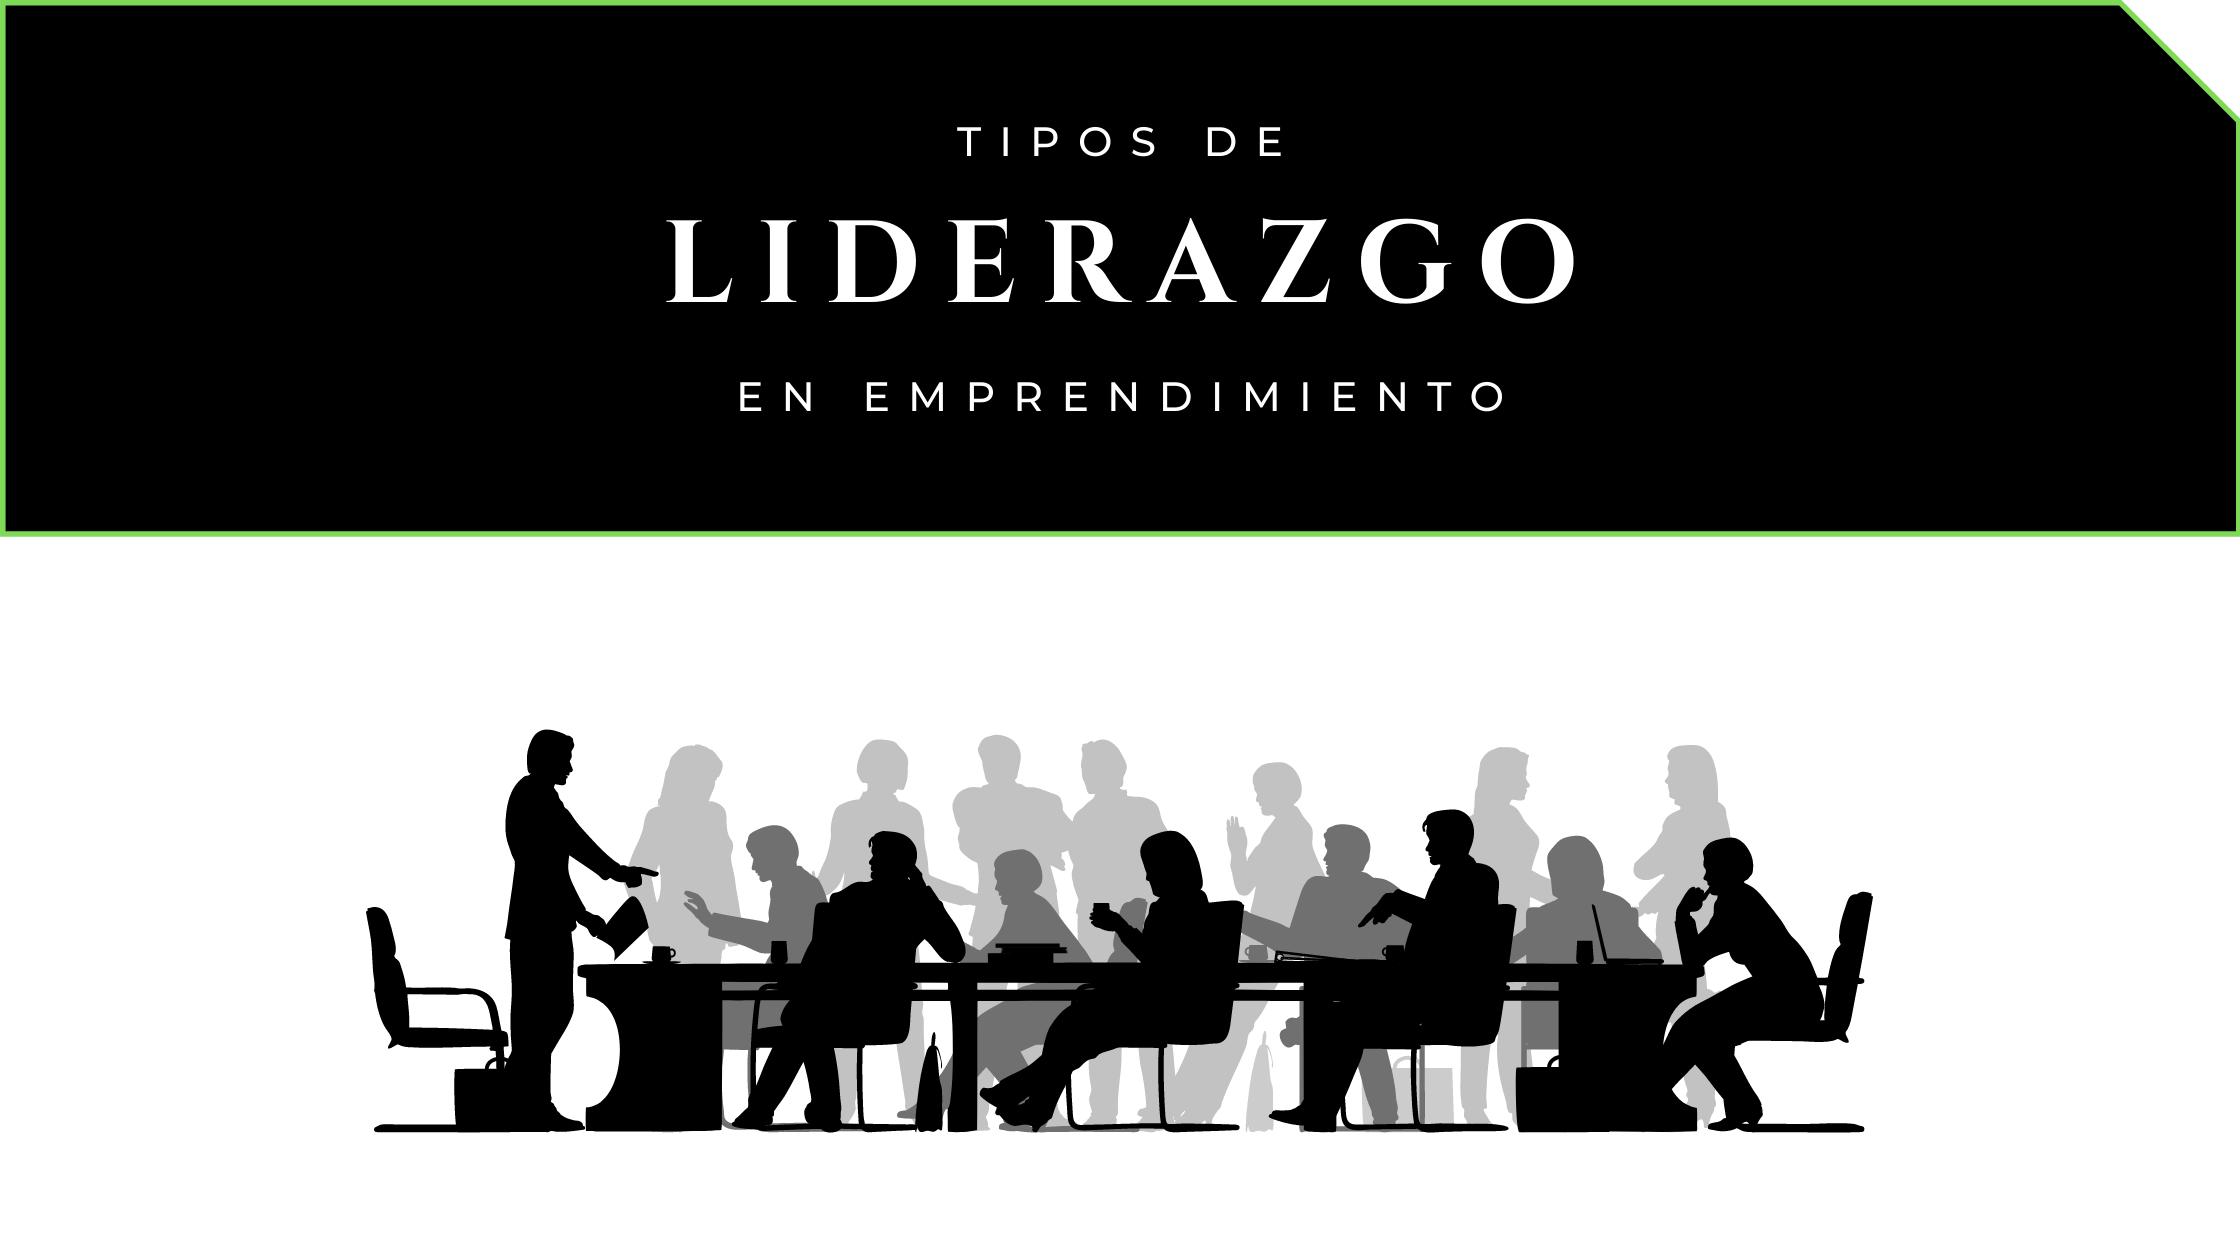 Tipos de liderazgo en emprendimiento